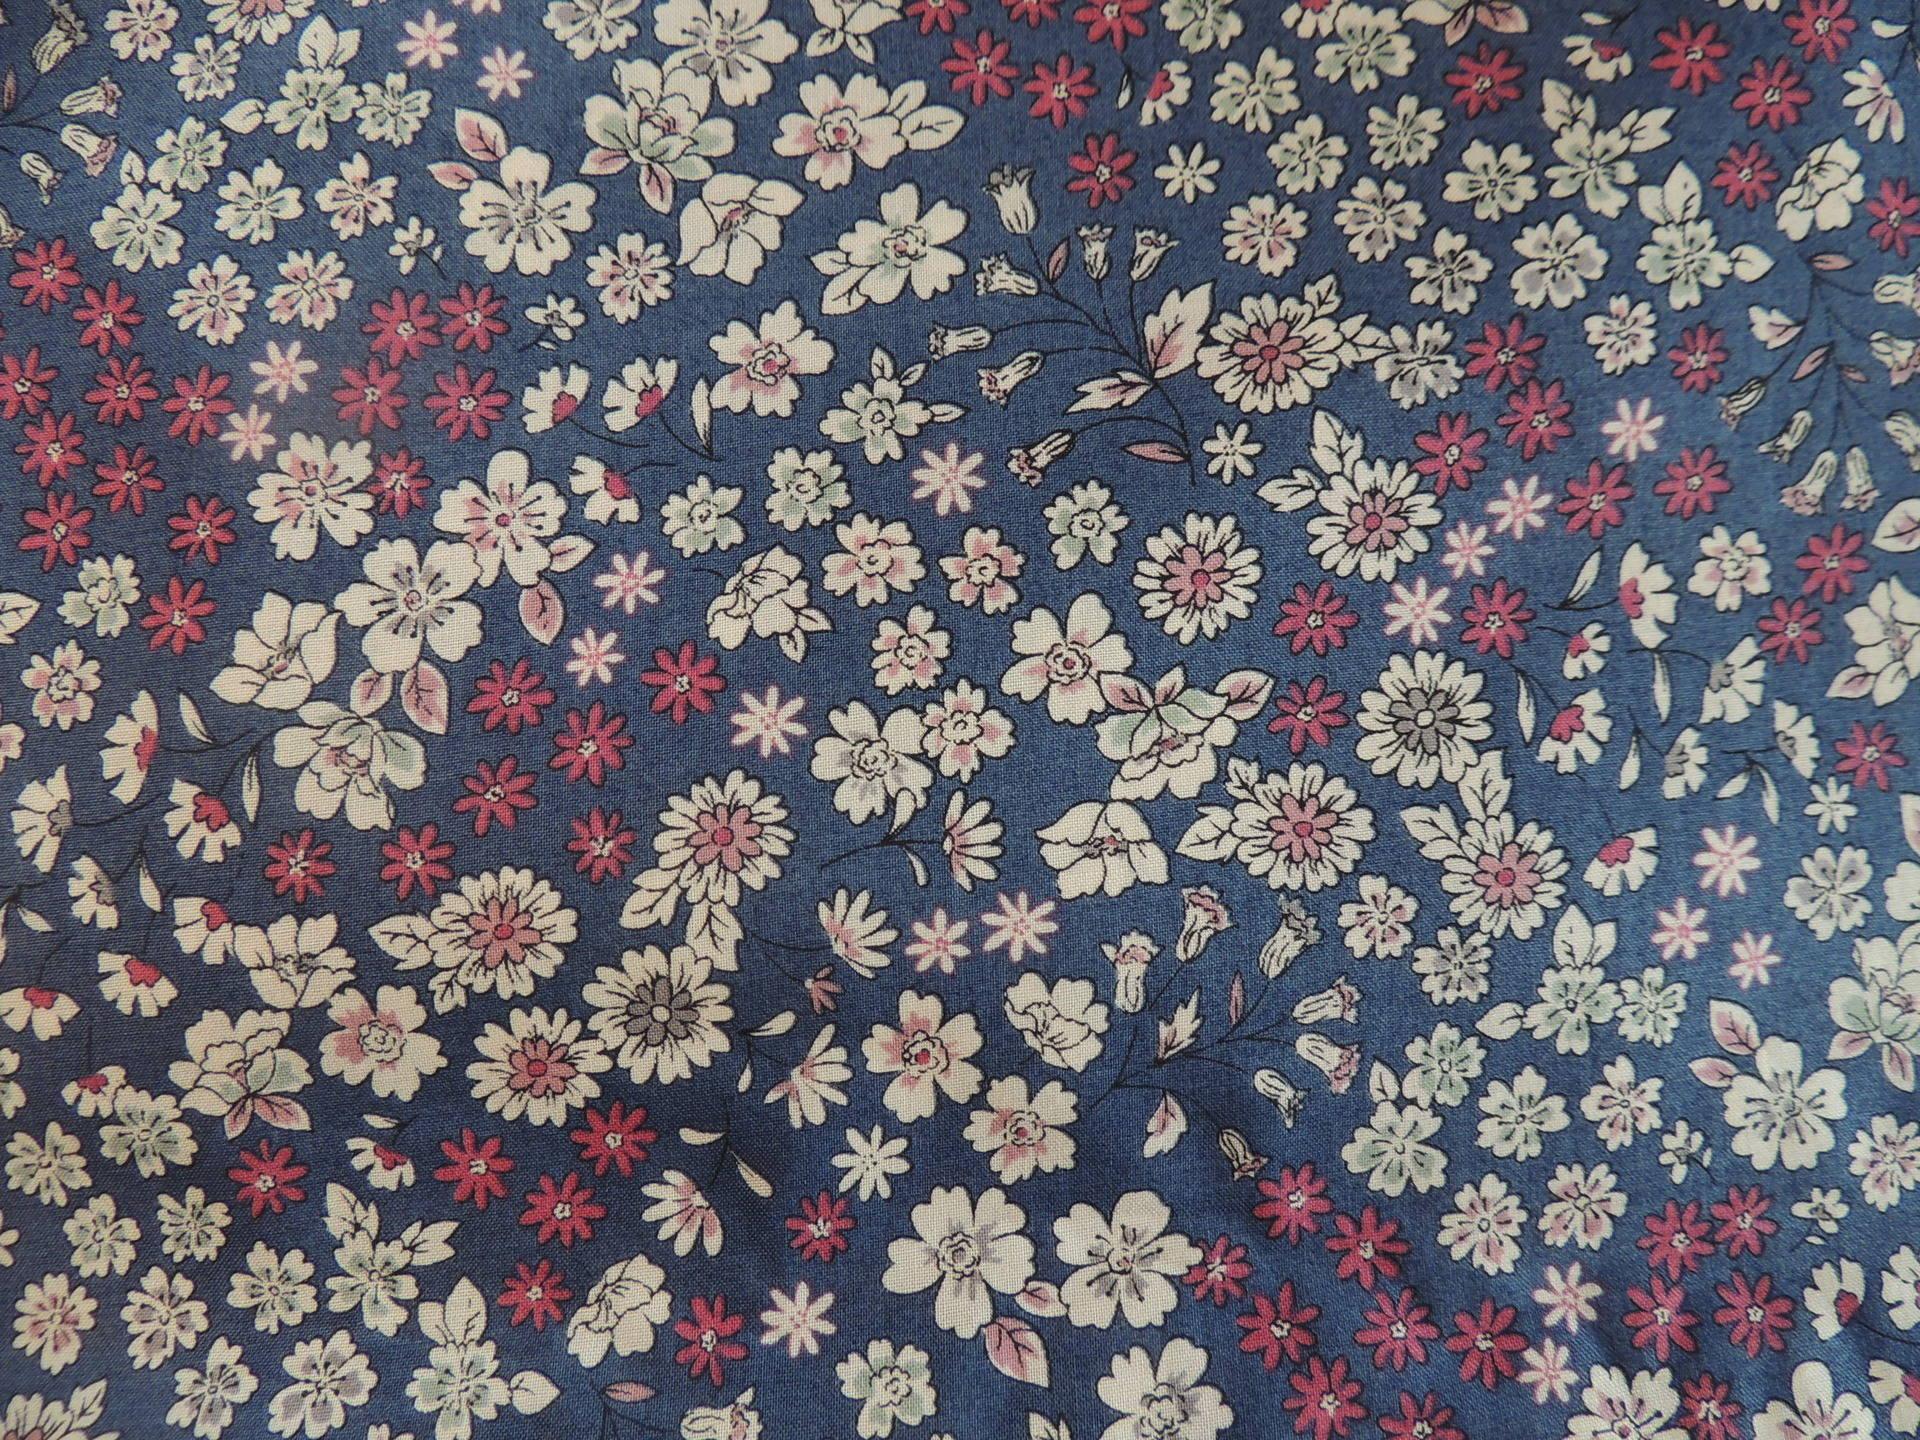 Coupon de tissu popeline de coton Fond bleu Fleurs Crème et rouge (7)